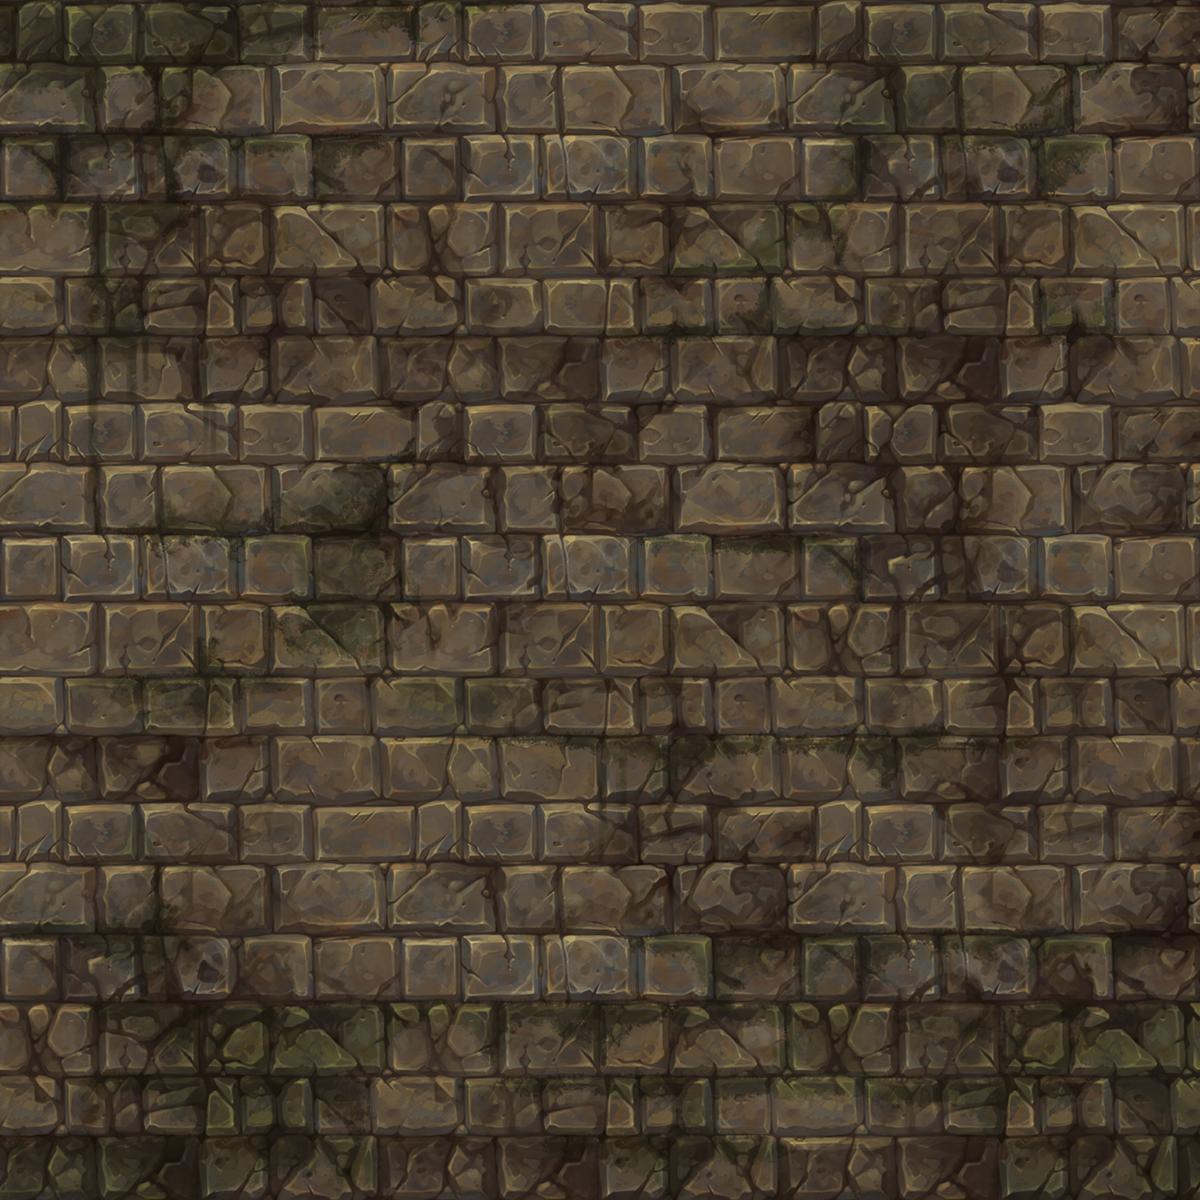 페이지 6 - - 마그나 요새, UDK를 씹어 폴리 카운트 포럼